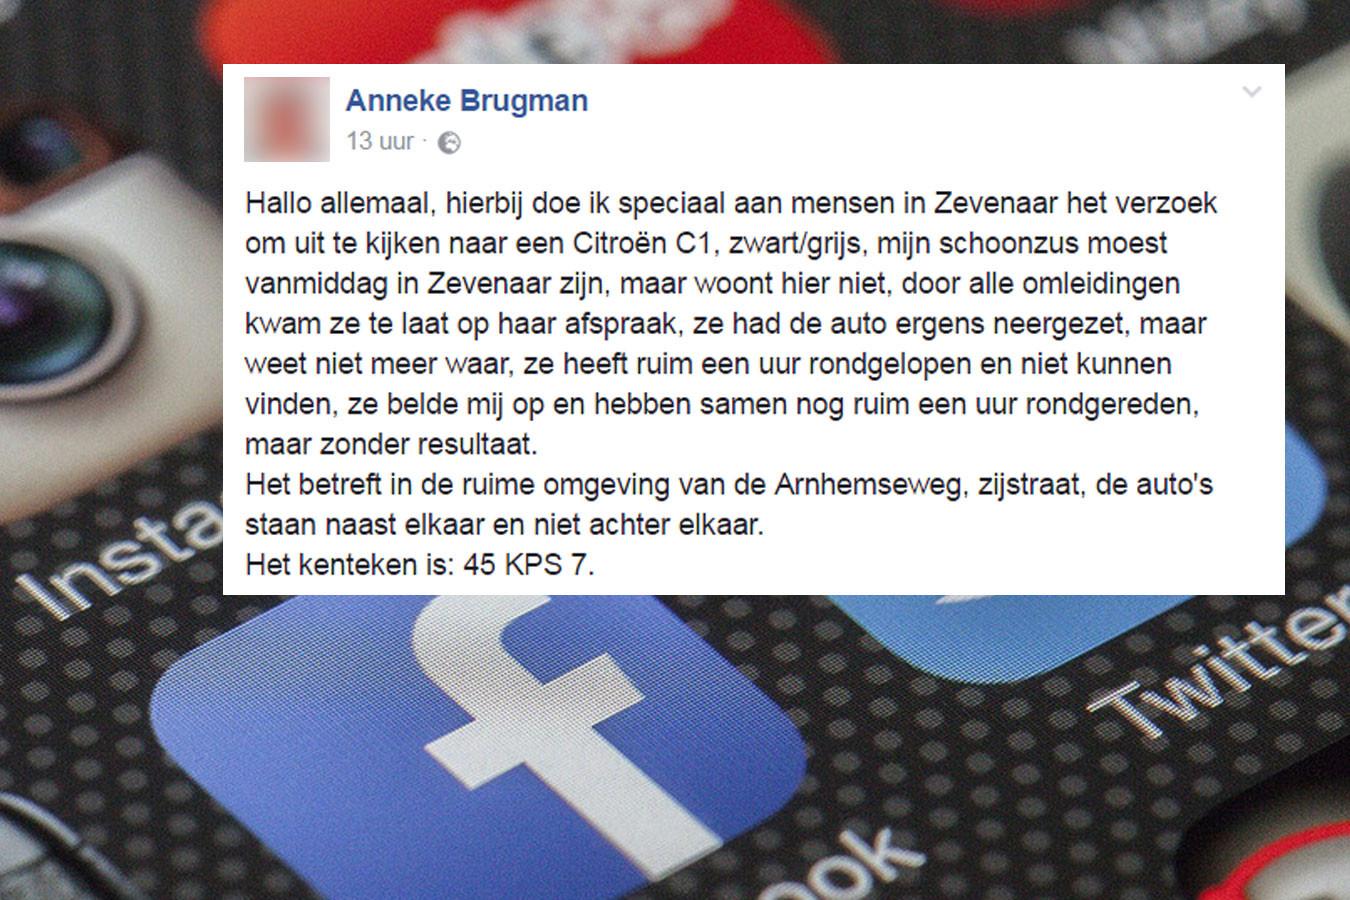 De oproep op Facebook.